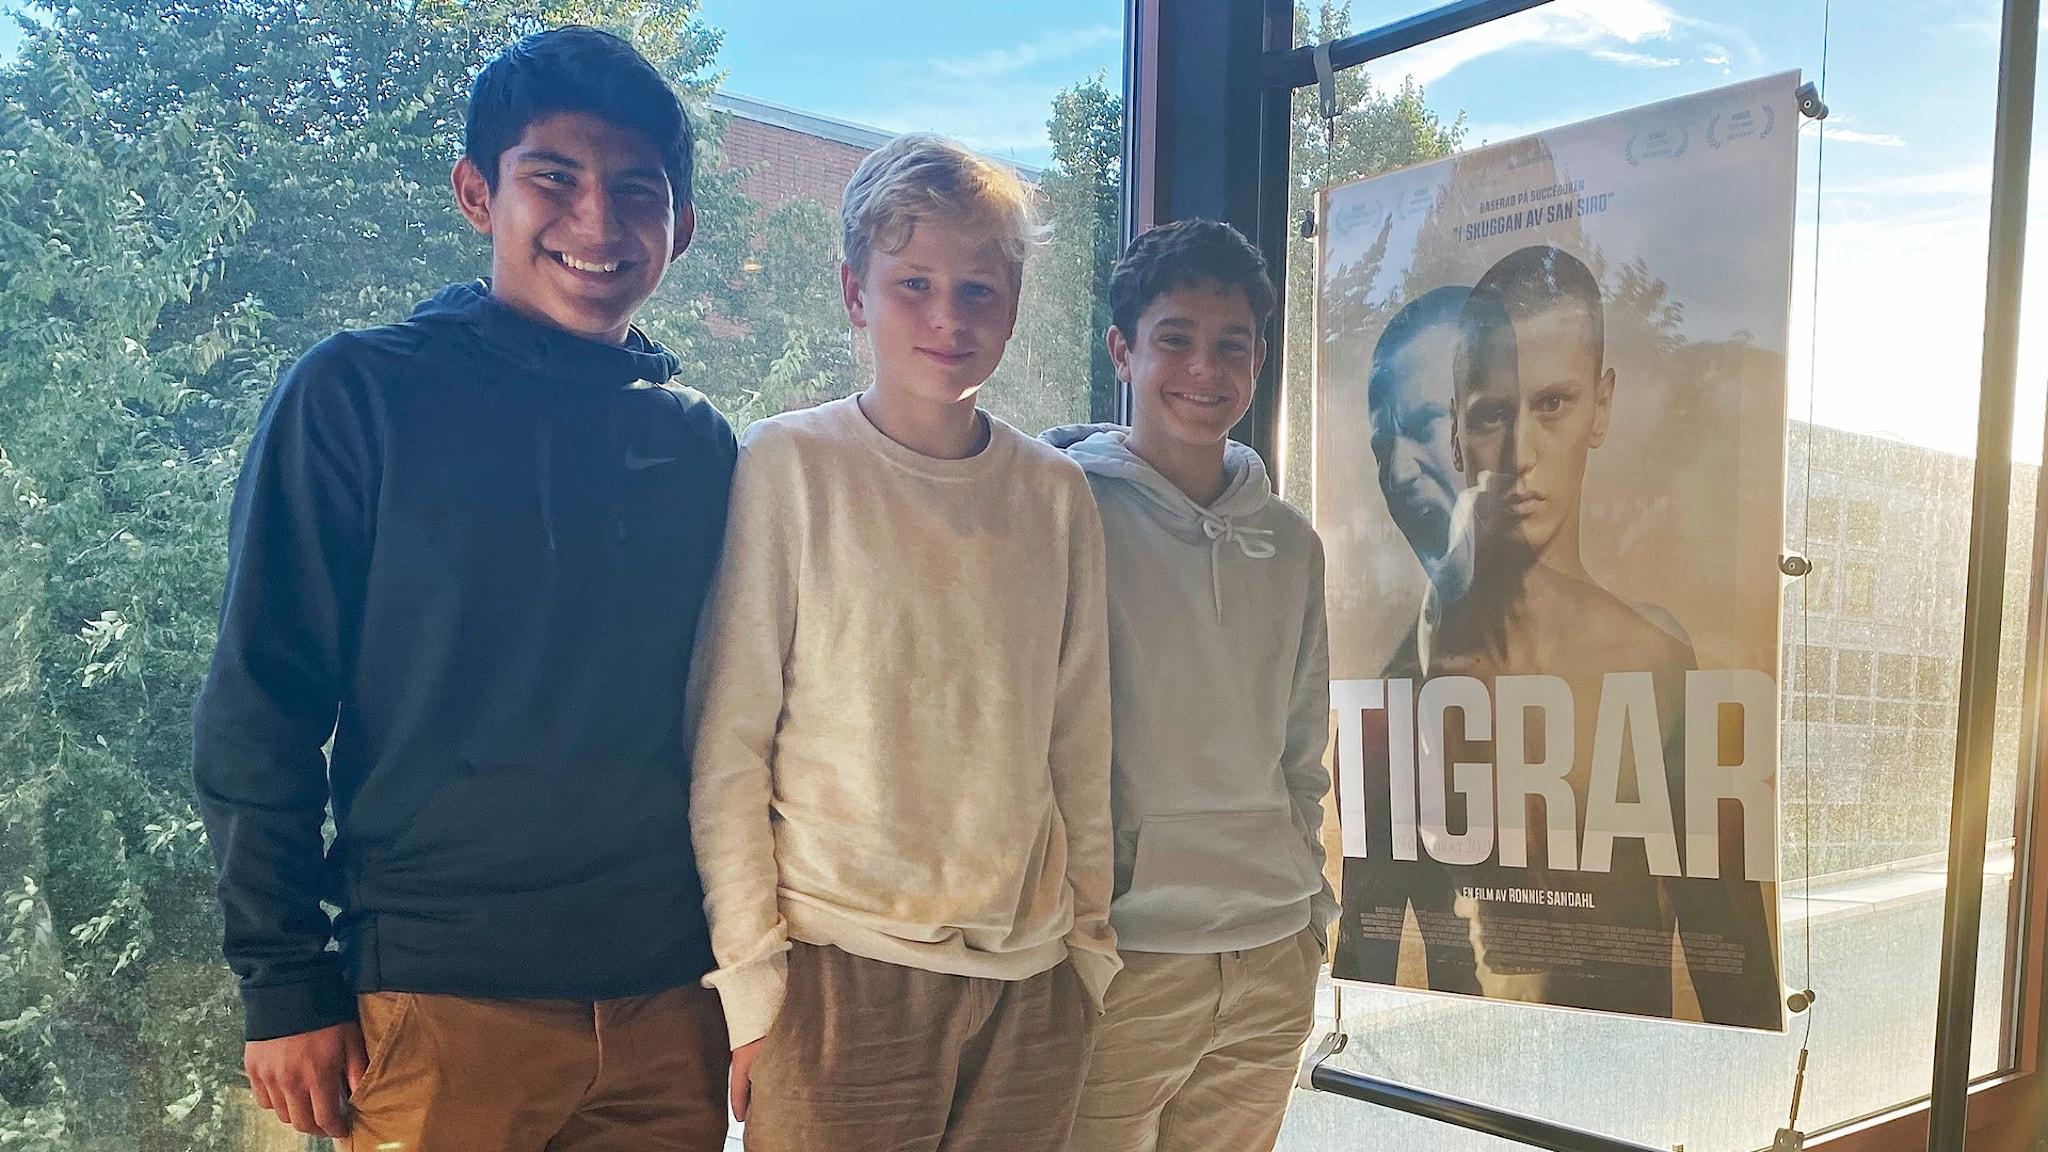 Luis Carlos Sandoval Aguiluz, Kalle Hagen och Leo Romero tittar på filmen Tigrar